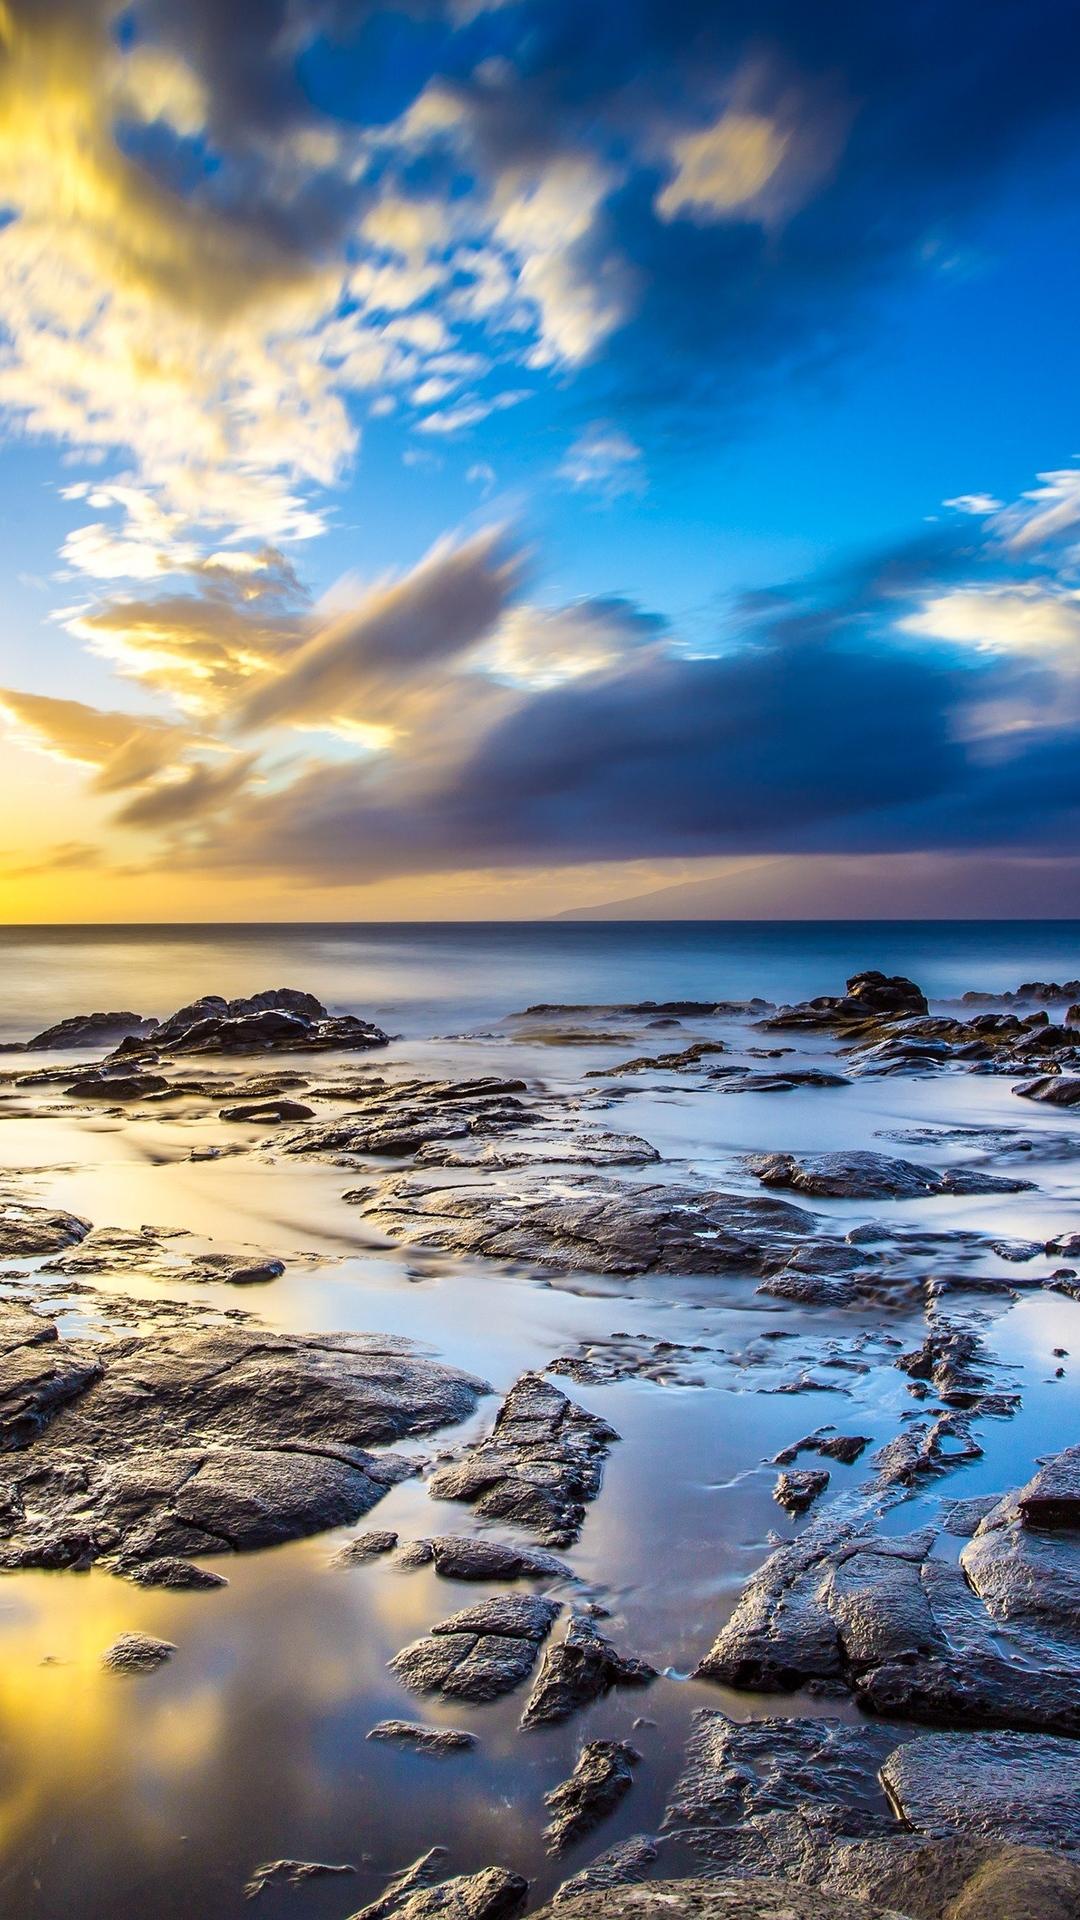 4k ocean wallpapers wallpapersafari - Ultra 4k background images ...